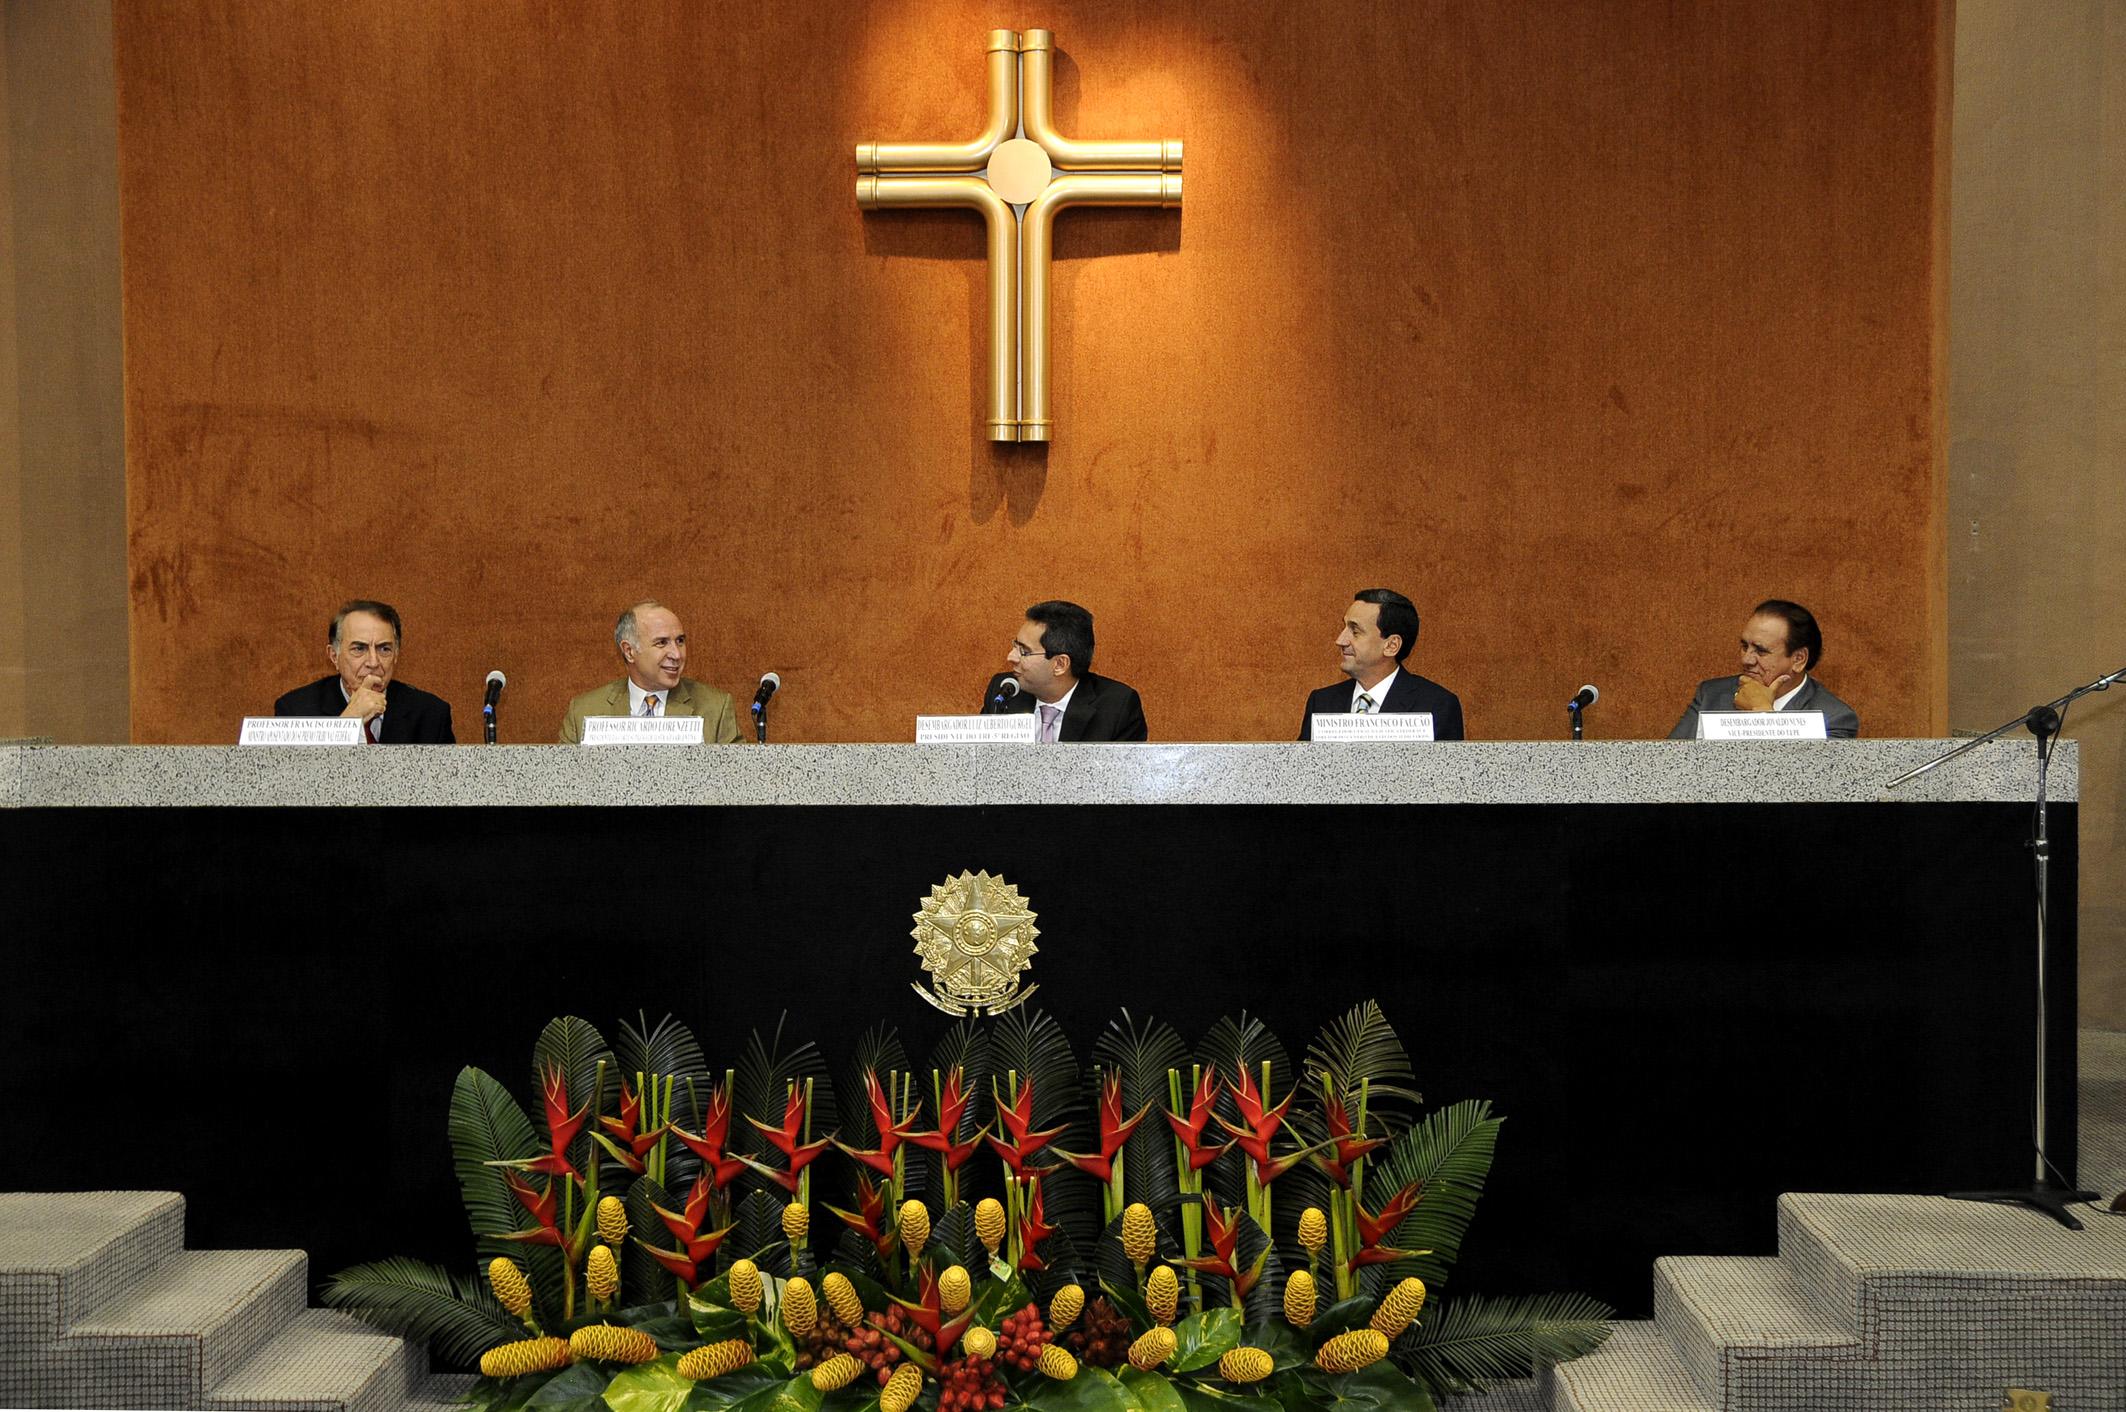 De izq a der: Ricardo Lorenzetti; Napoleão Maia, Superior Tribunal de Justiça; Herman Benjamin, Superior Tribunal de Justiça, y Margarida Cantarelli, Tribunal Regional Federal da 5ª Região